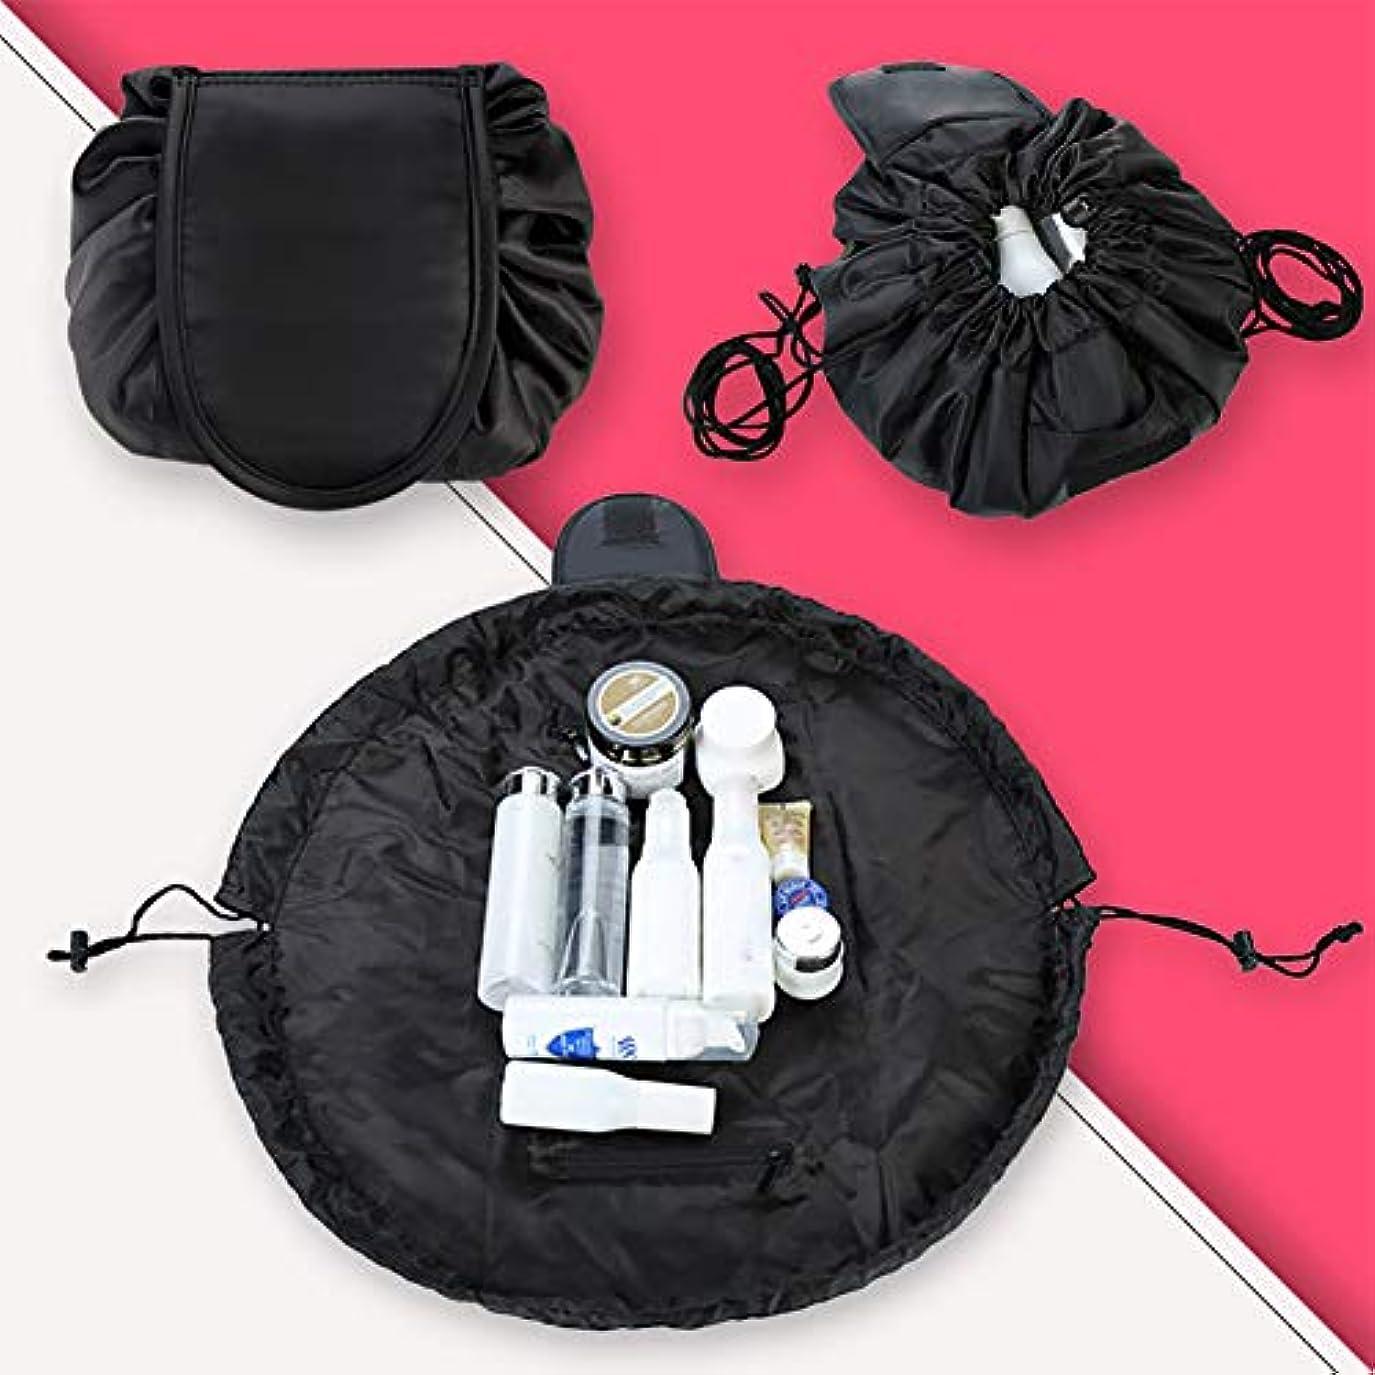 スロー感謝する比率YWSHF メイクポーチ 化粧品収納 ケース 大容量 持ち運び 携帯 便利 大人 女の子 使いやすい 無地 ふわふわ おしゃれ 小物入れ 大き目 旅行 化粧ポーチ 黒